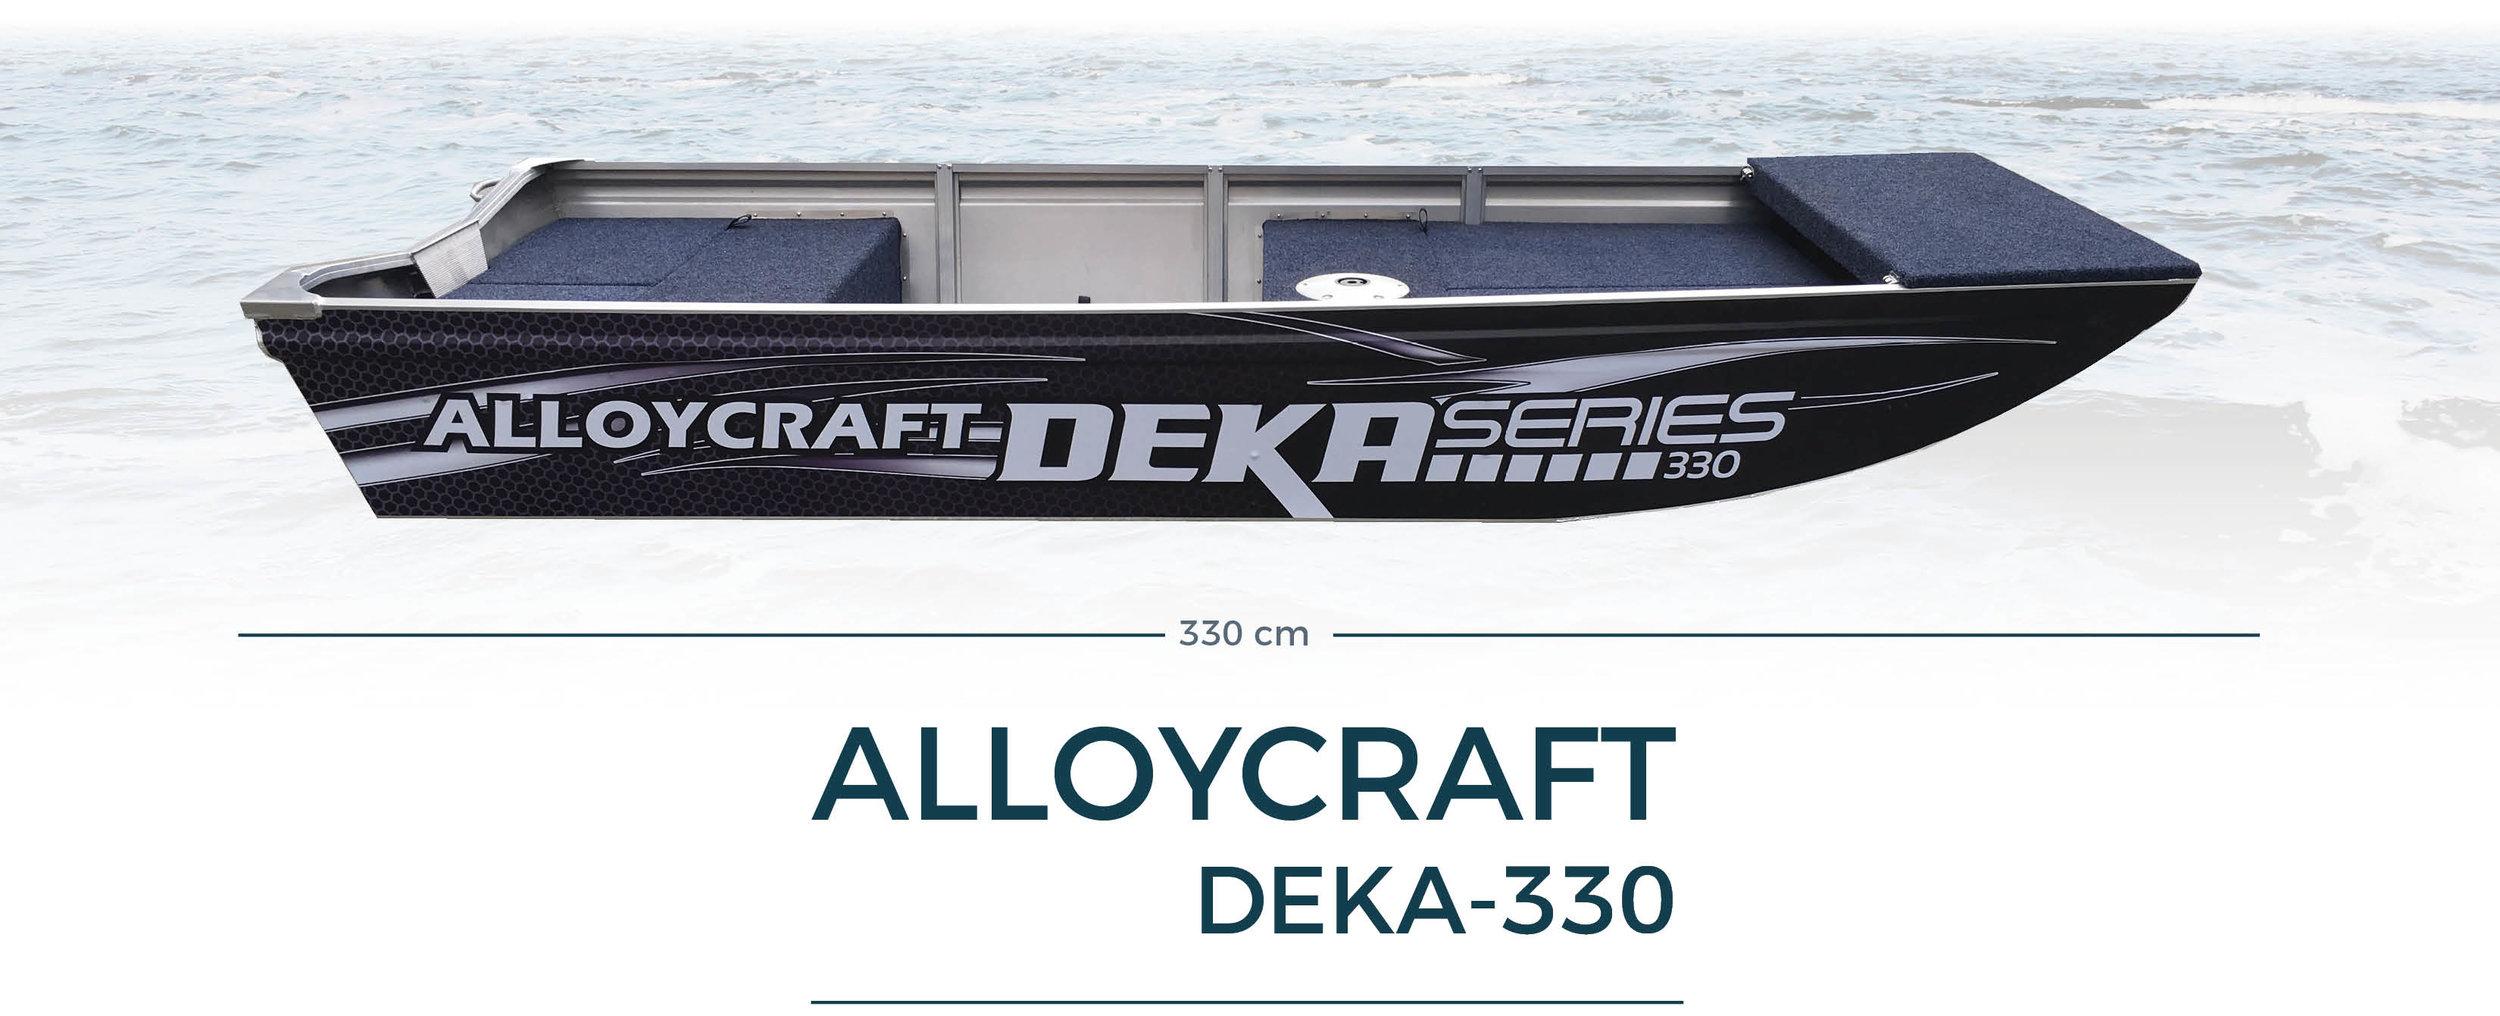 Deka330 båtrubrik.jpg